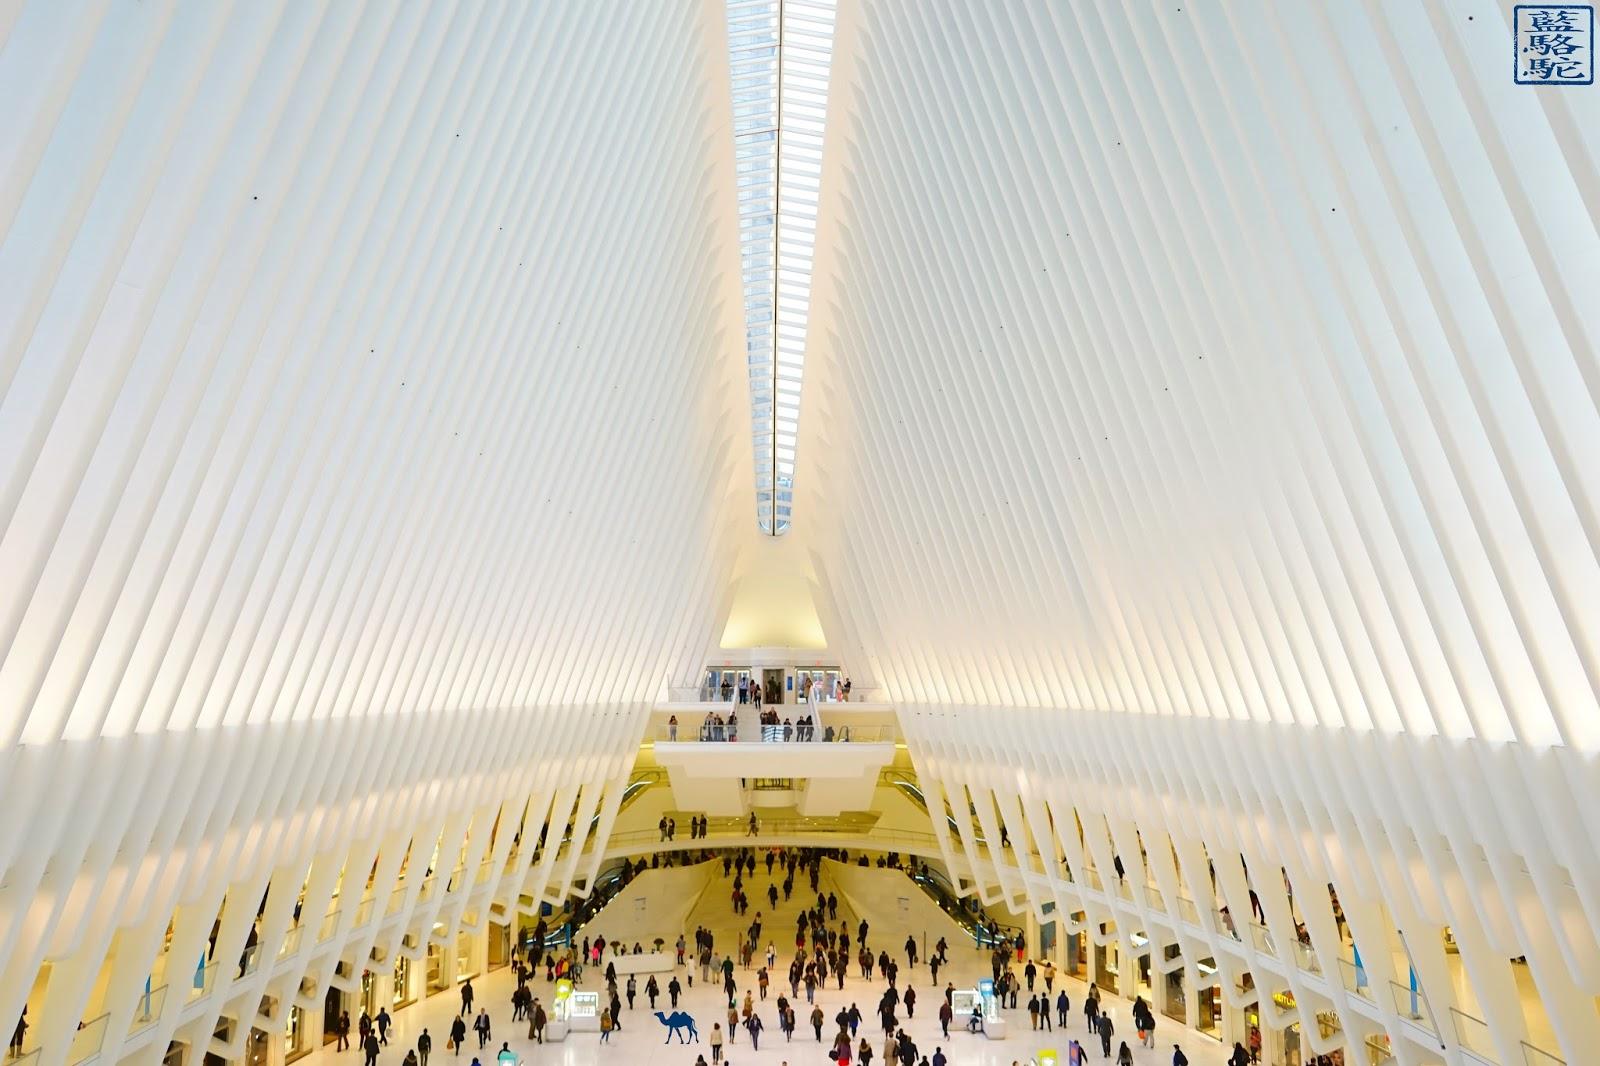 Le Chameau Bleu - L'intérieur de l'Oculus